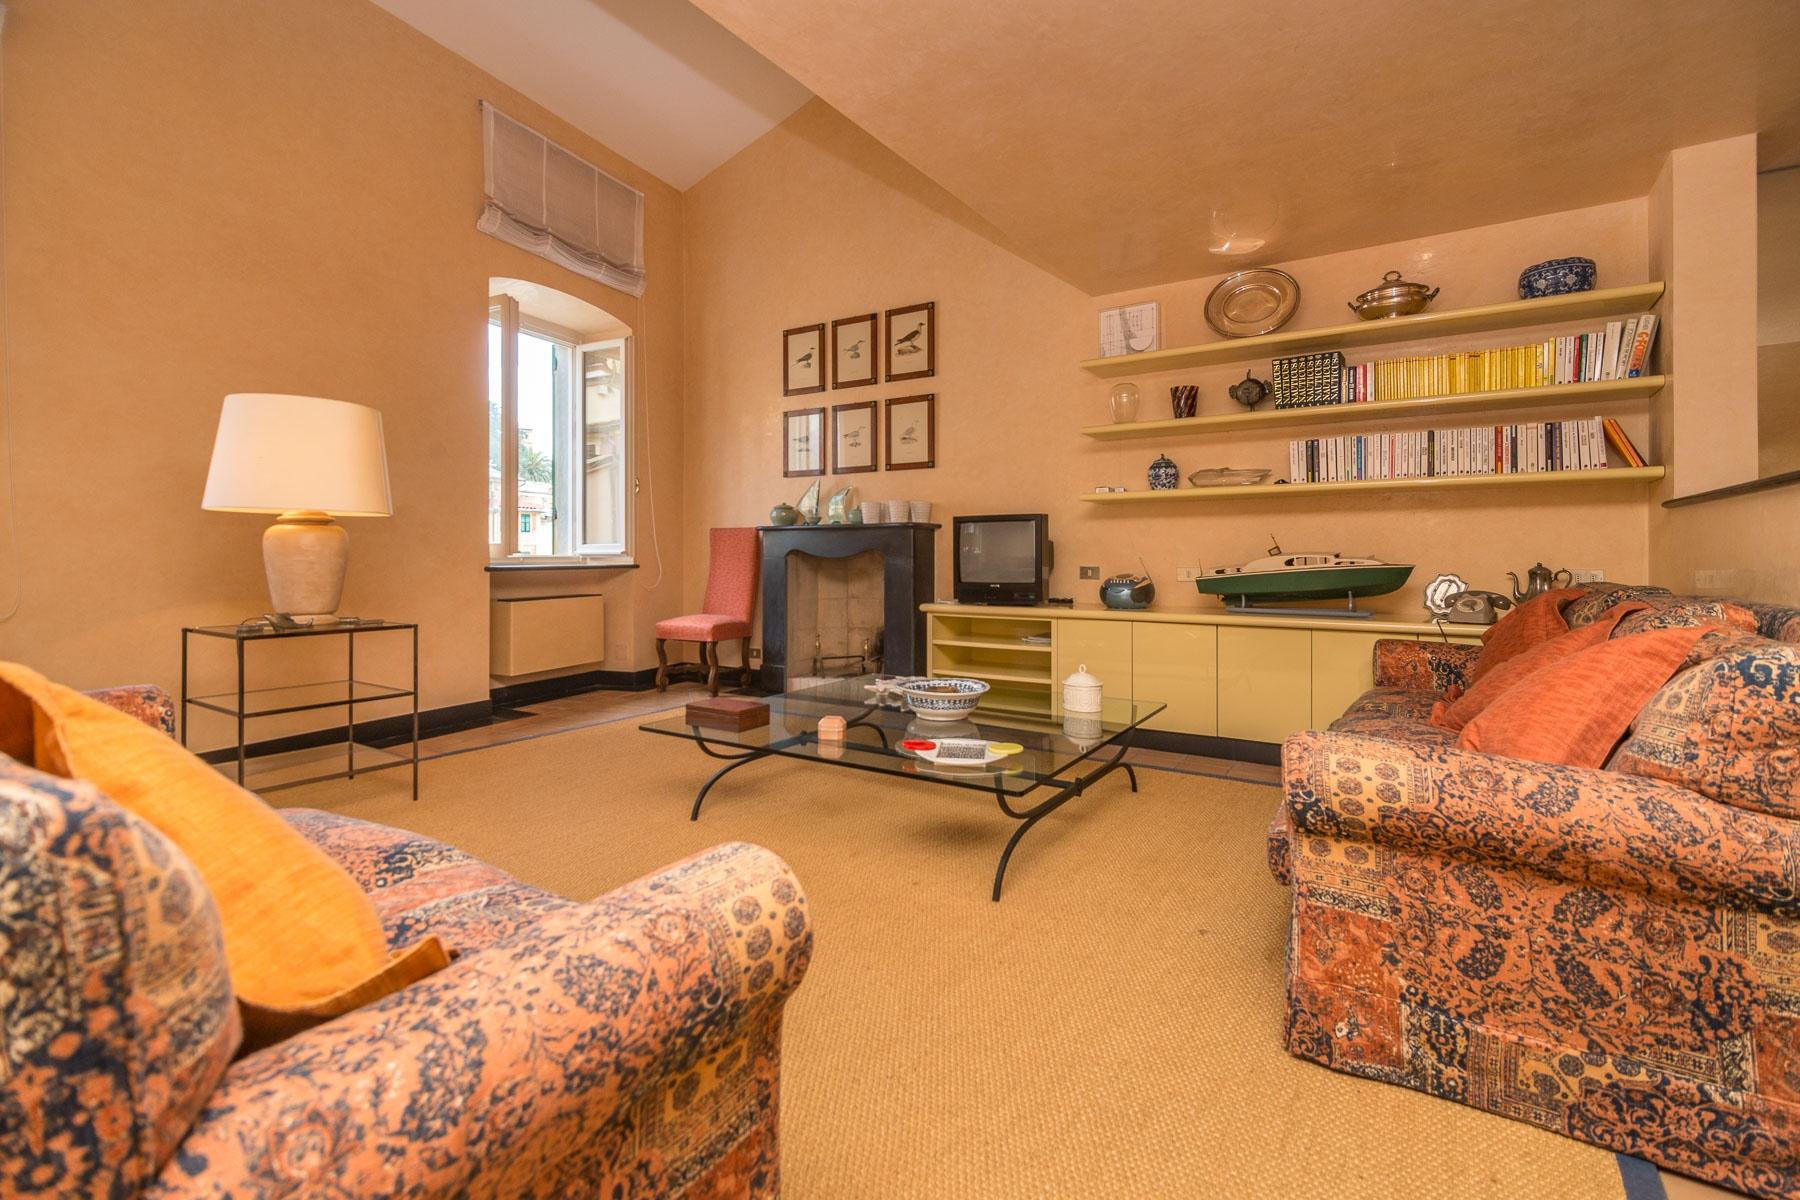 Appartamento in Vendita a Portofino: 5 locali, 130 mq - Foto 10